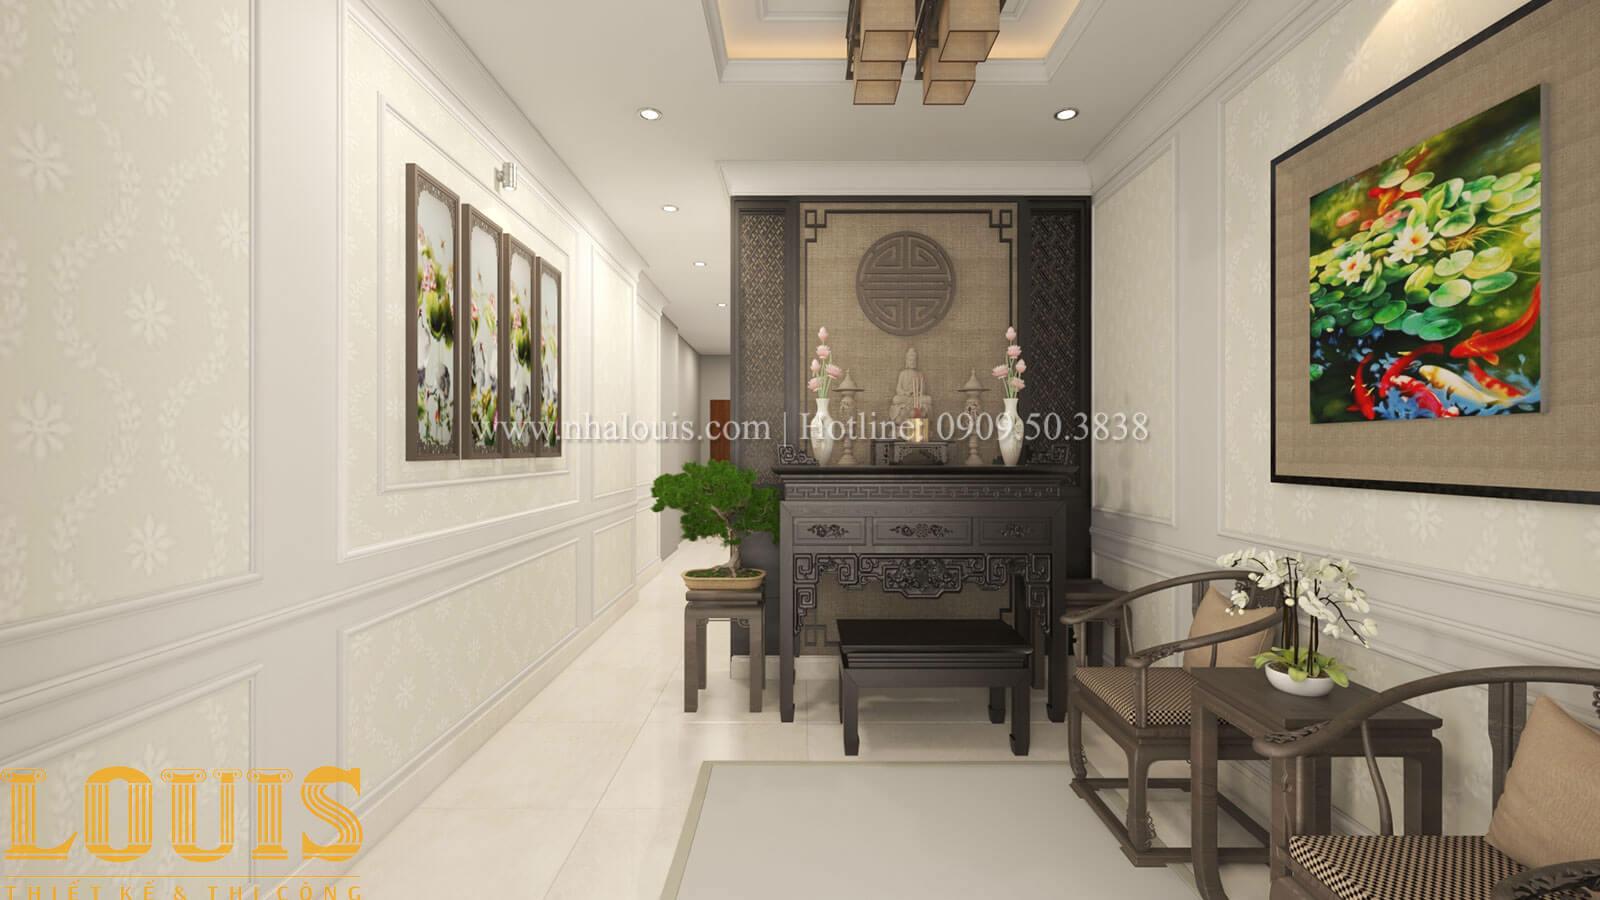 Phòng thờ Mẫu nhà 5 tầng đẹp hiện đại với thiết kế tối giản tại Tân Bình - 38